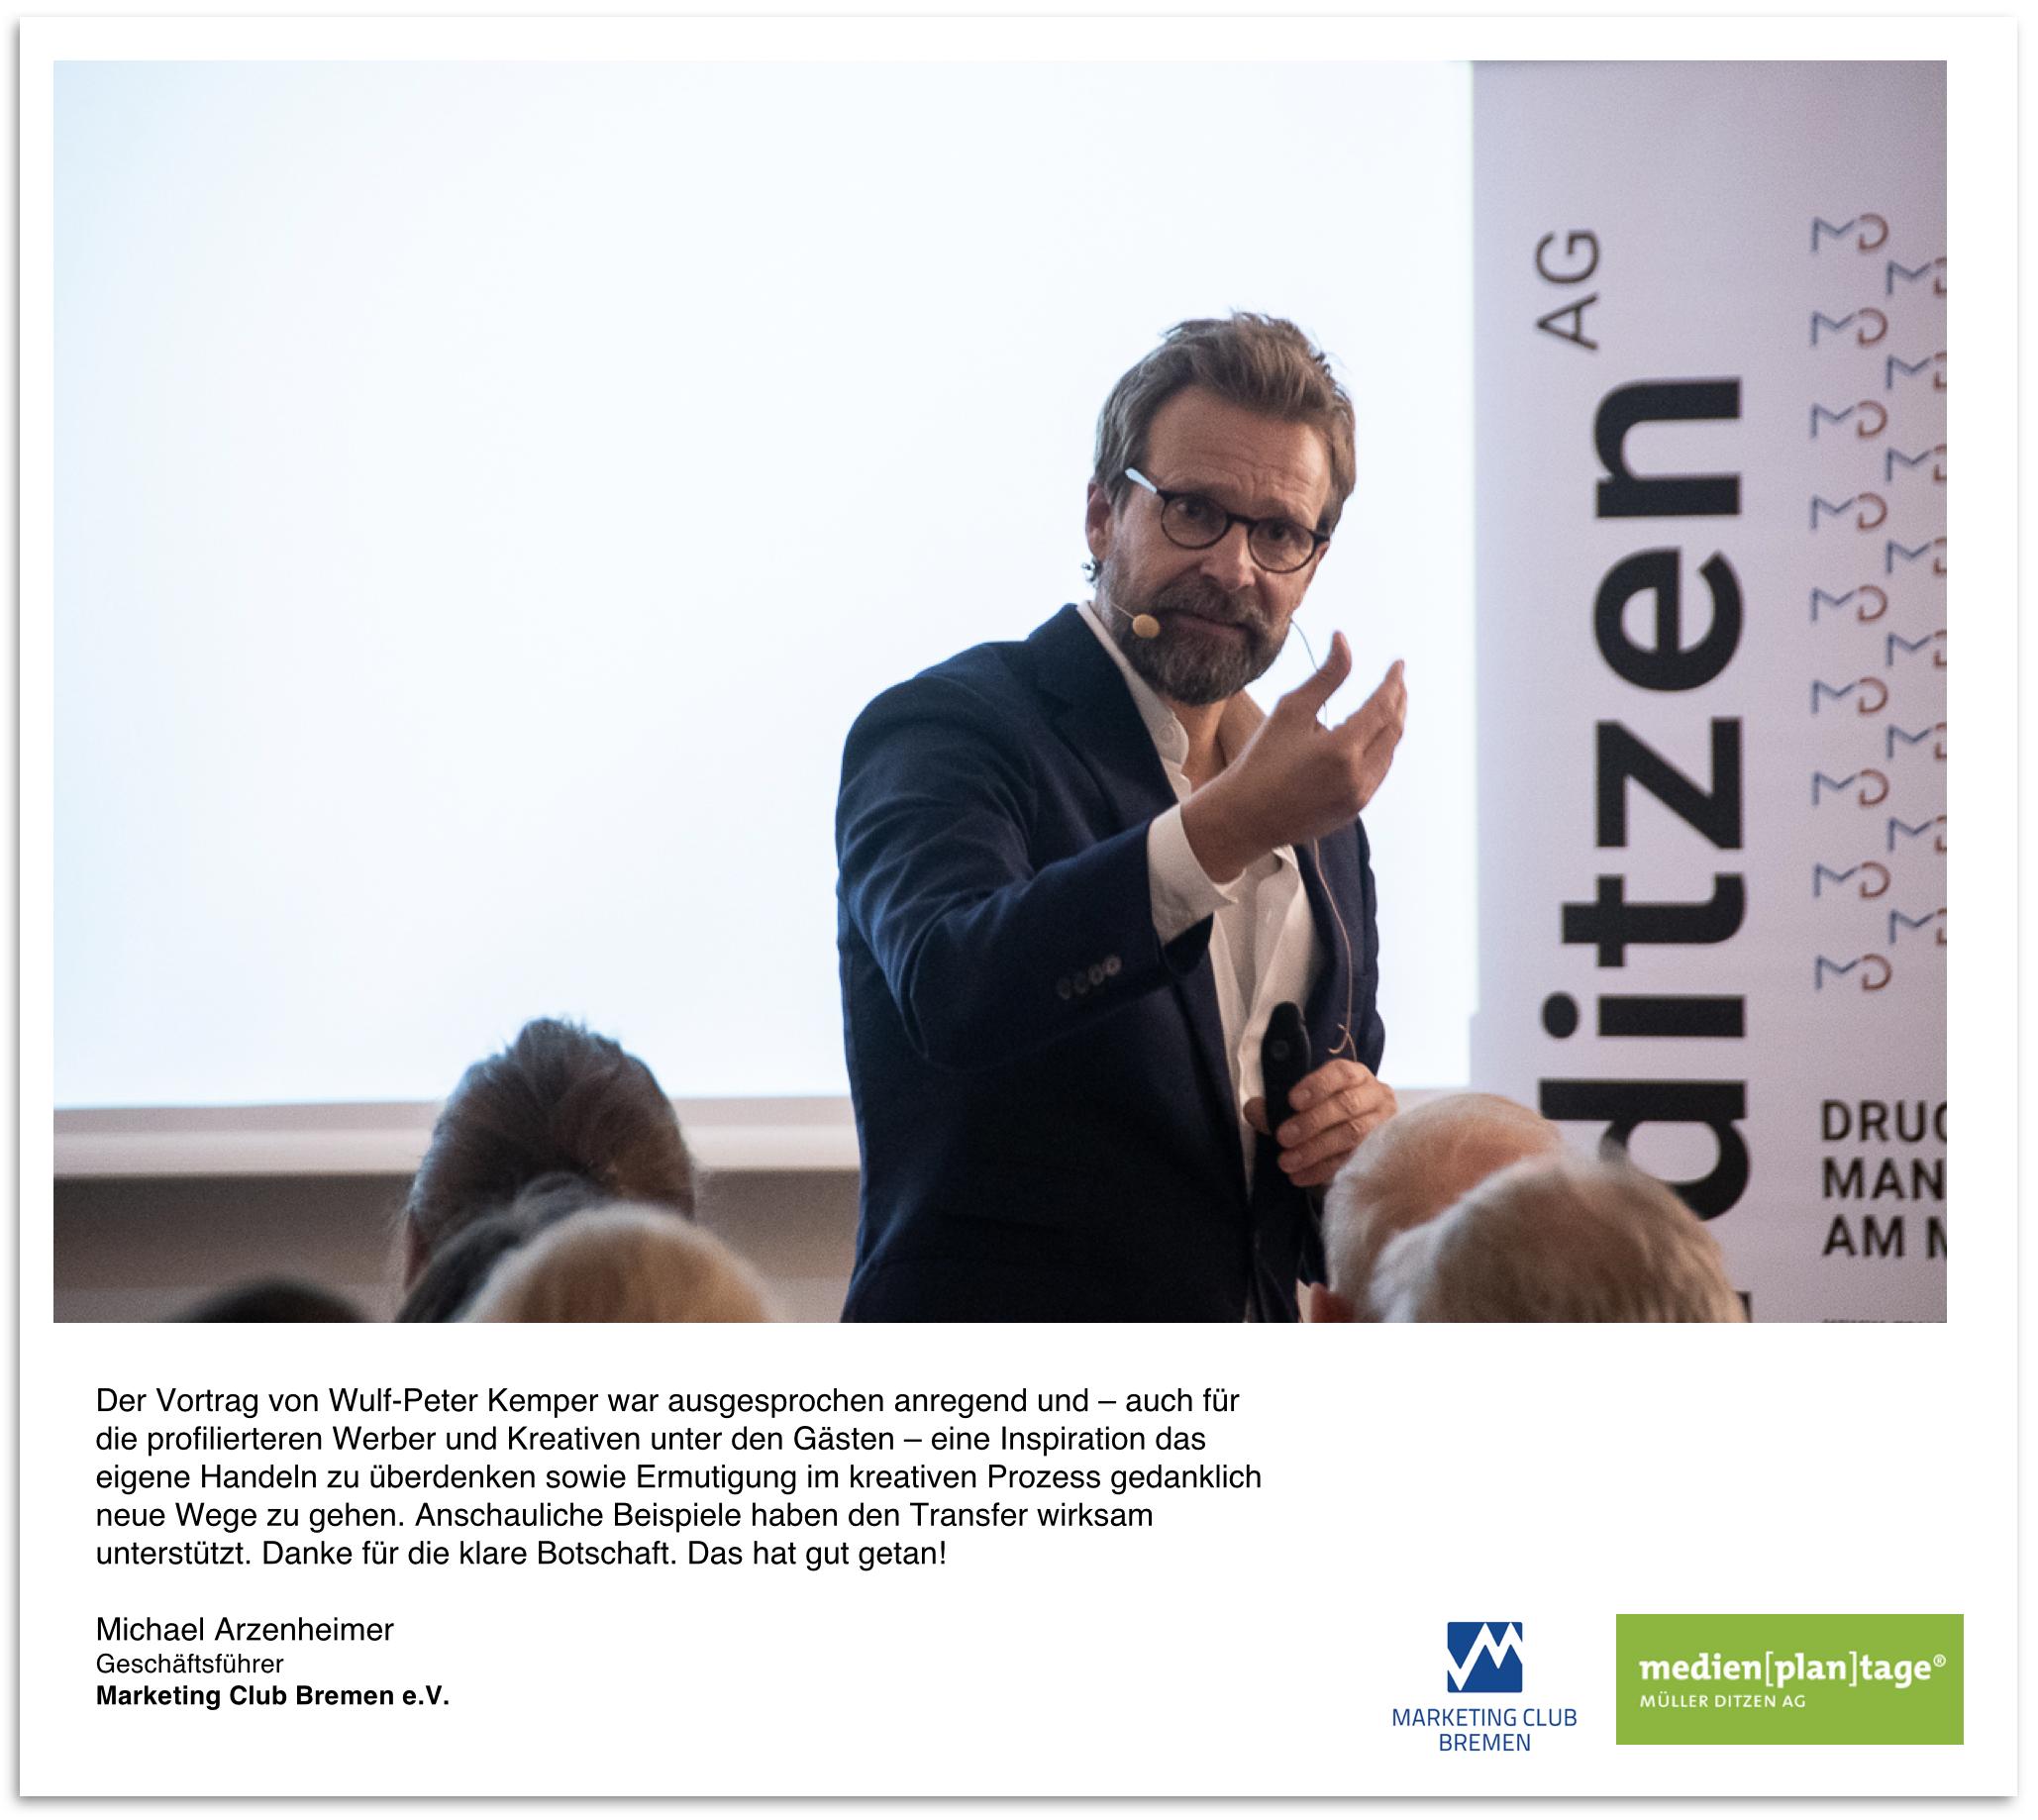 """Vortrag """"Von der Strategie zur Kreation"""" am 05. November 2018 - """"Herr Kemper ist ein echter Speaker. Mit seinem Vortrag brachte er neue Impulse und Anreize, um eingefahrene Prozesse zu überdenken und sorgte rundum für einen gehaltvollen Abend. Das bestätigt auch das Feedback unserer Teilnehmer, die den Vortrag in Schulnoten zu 1,3 bewertet haben."""", Niko Matthäus, medienplantage."""